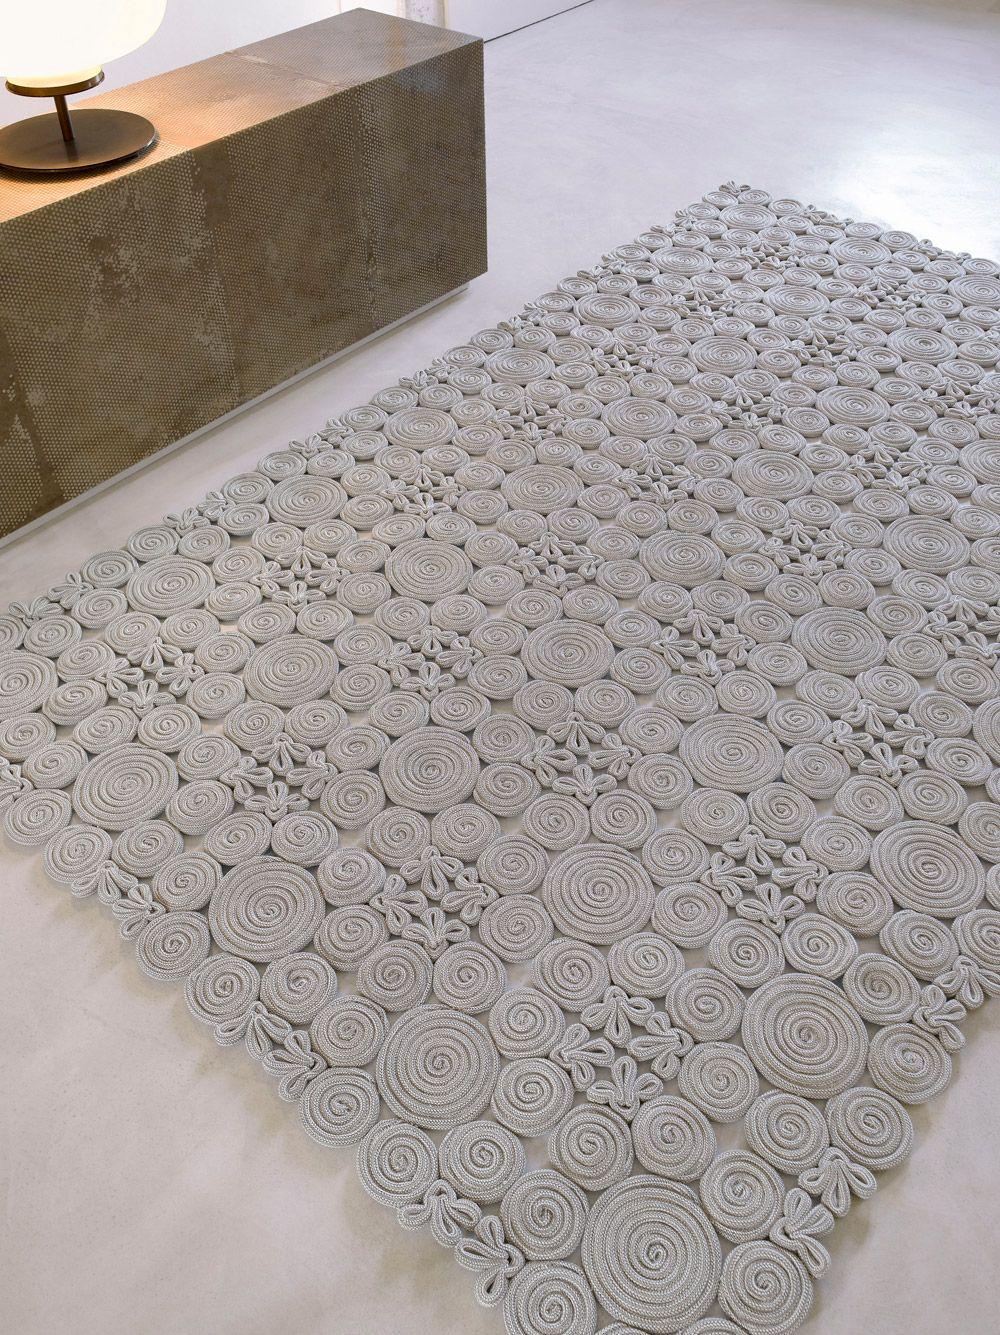 Spin - Paola Lenti | Rugs | Pinterest | Trapillo, Muster und Häkeln